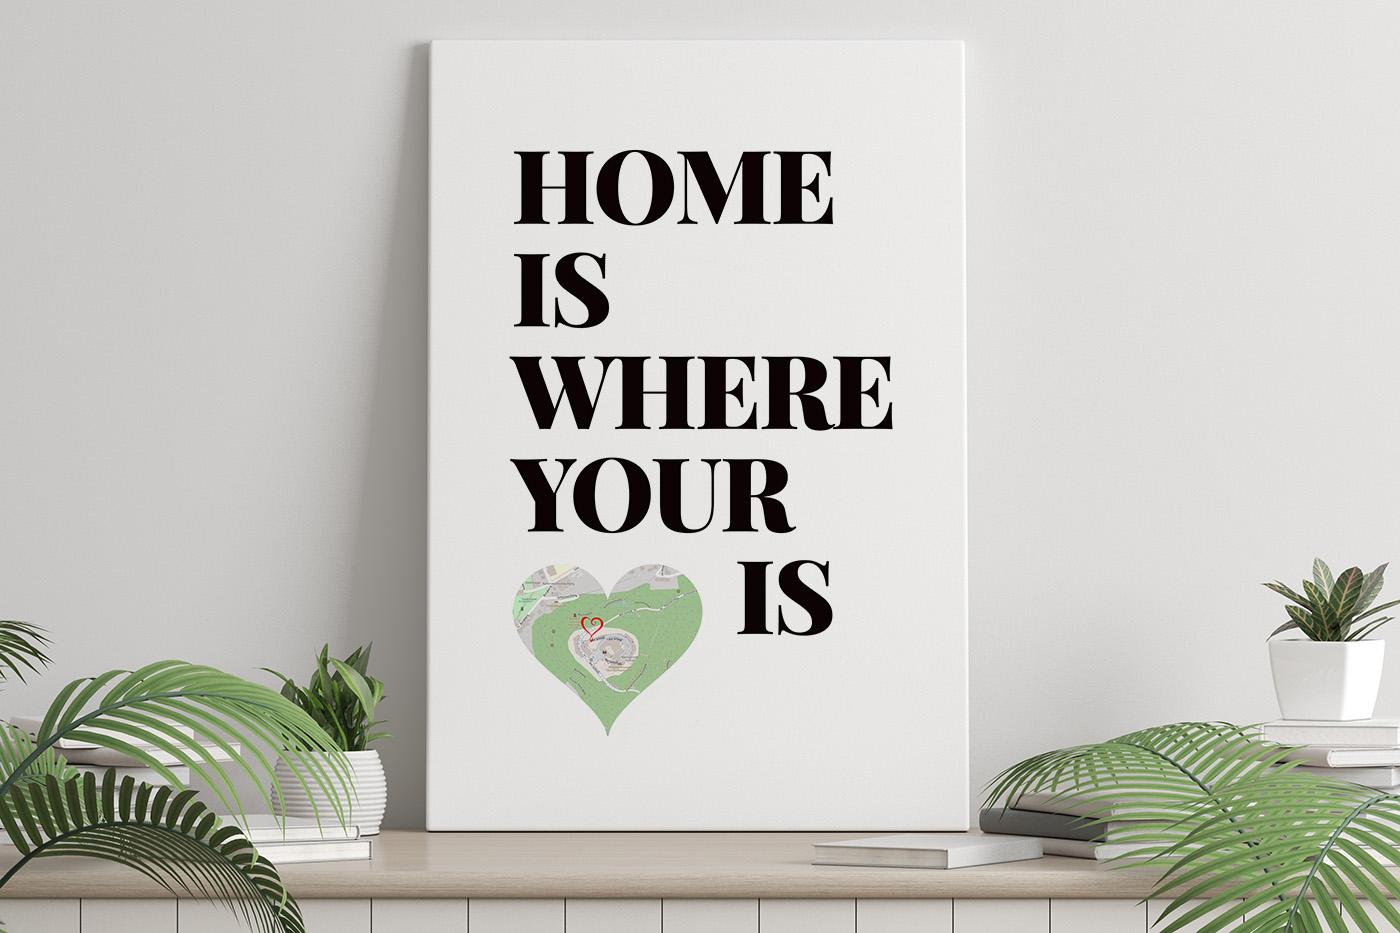 Home Is Where Your Heart Is von LoveCanvas individuelles Wandbild für die Heimatliebe